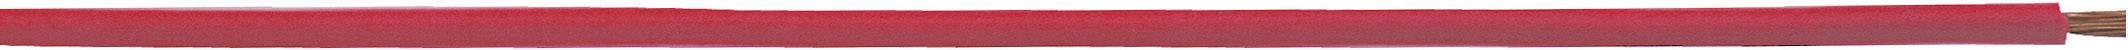 Opletenie / lanko LappKabel 4510111S H05V-K, 1 x 0.50 mm², vonkajší Ø 2.50 mm, 250 m, žltá